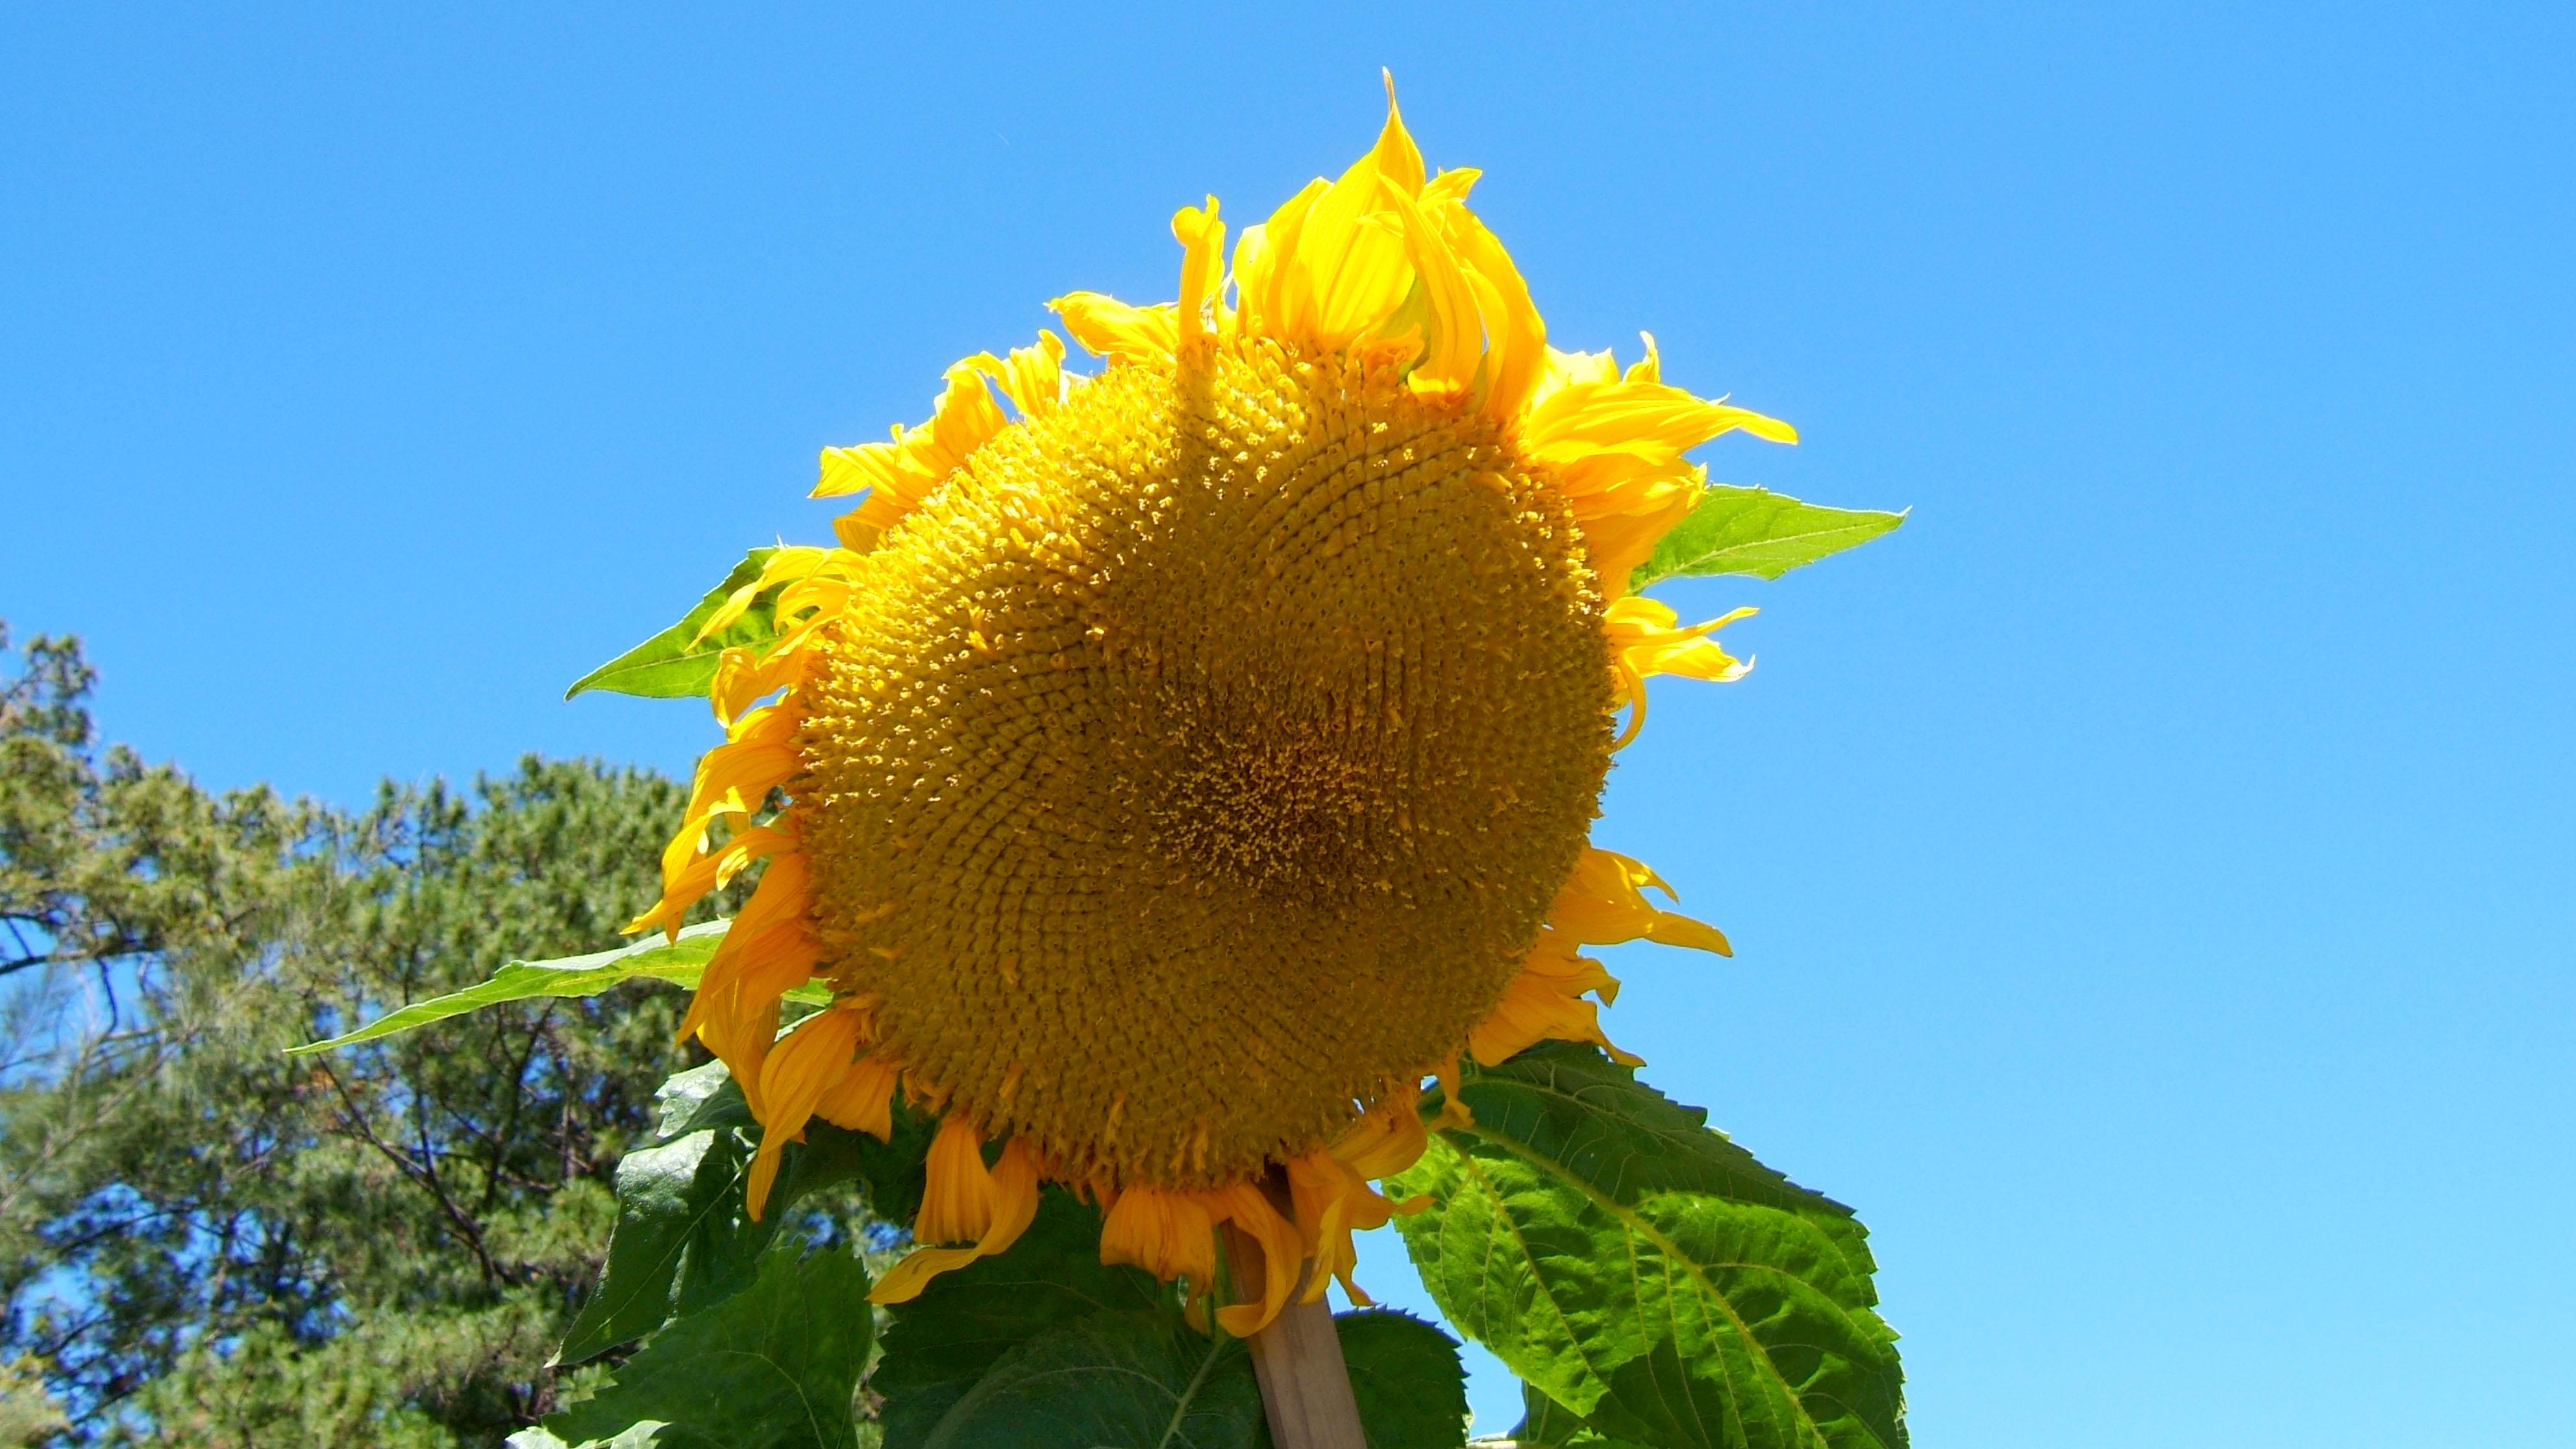 Philippines Baguio Sunflower 01